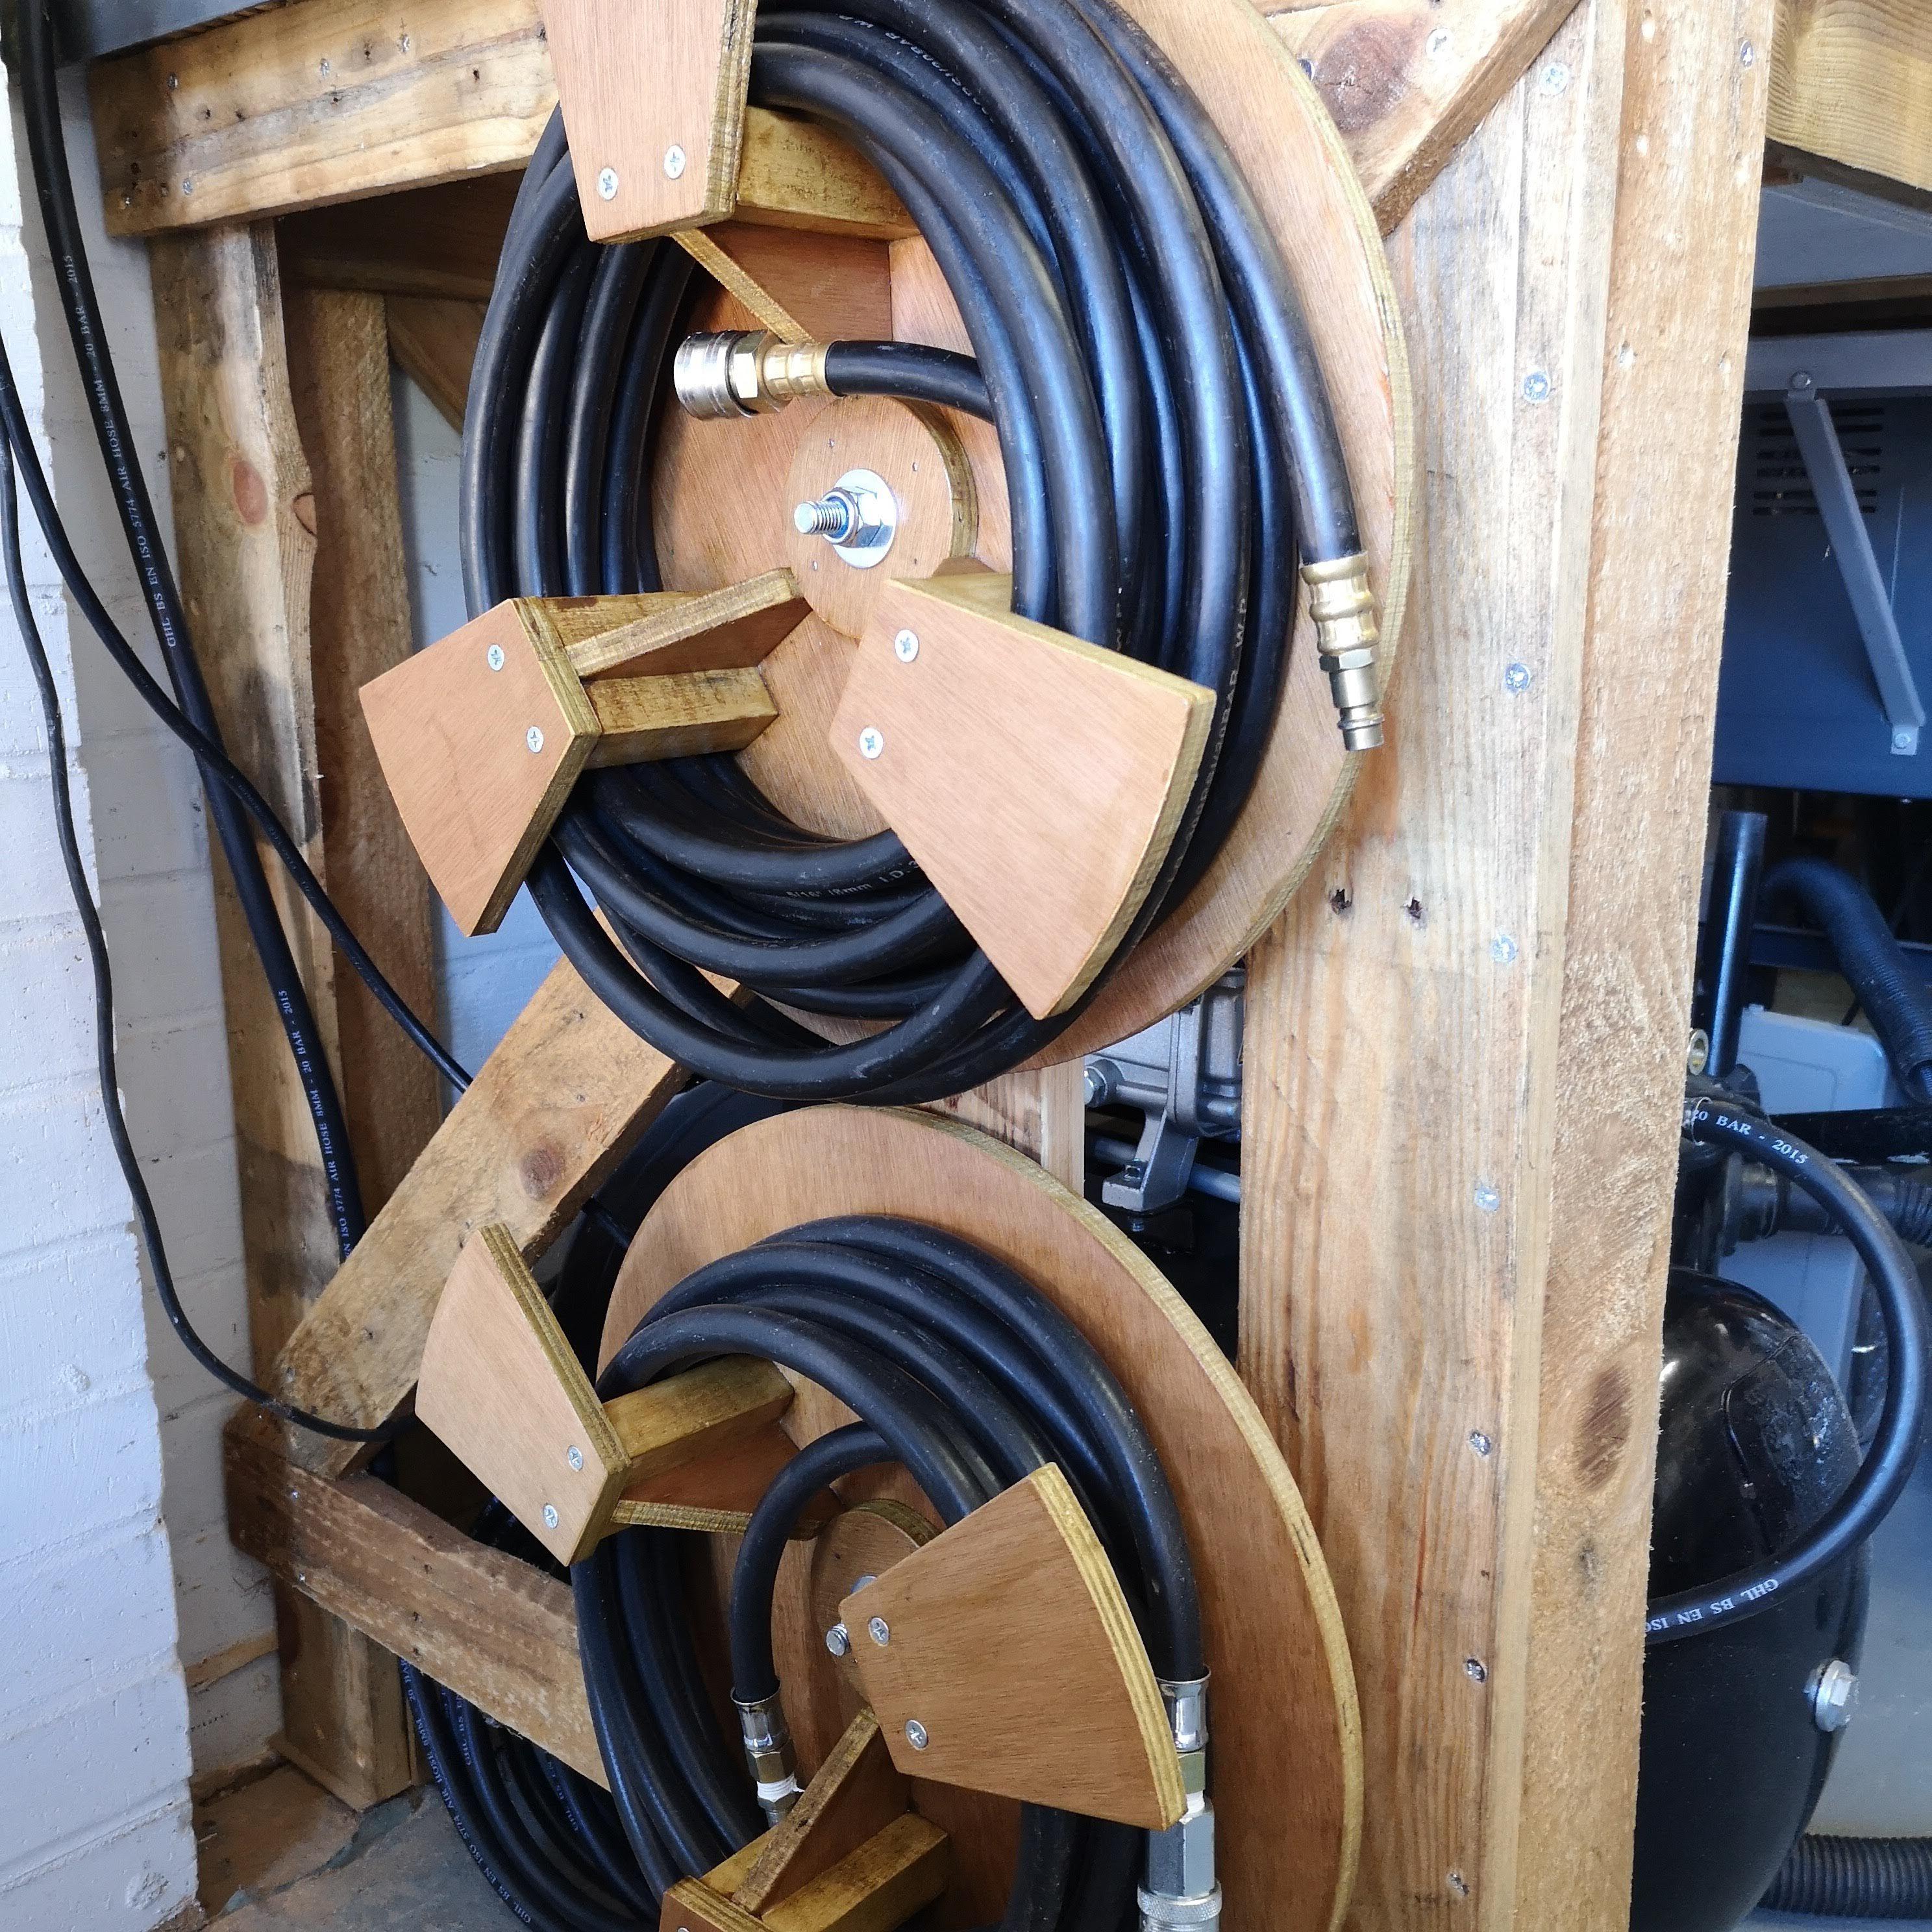 Air Hose Storage Reel Hose Storage Air Tools Diy Garage Storage